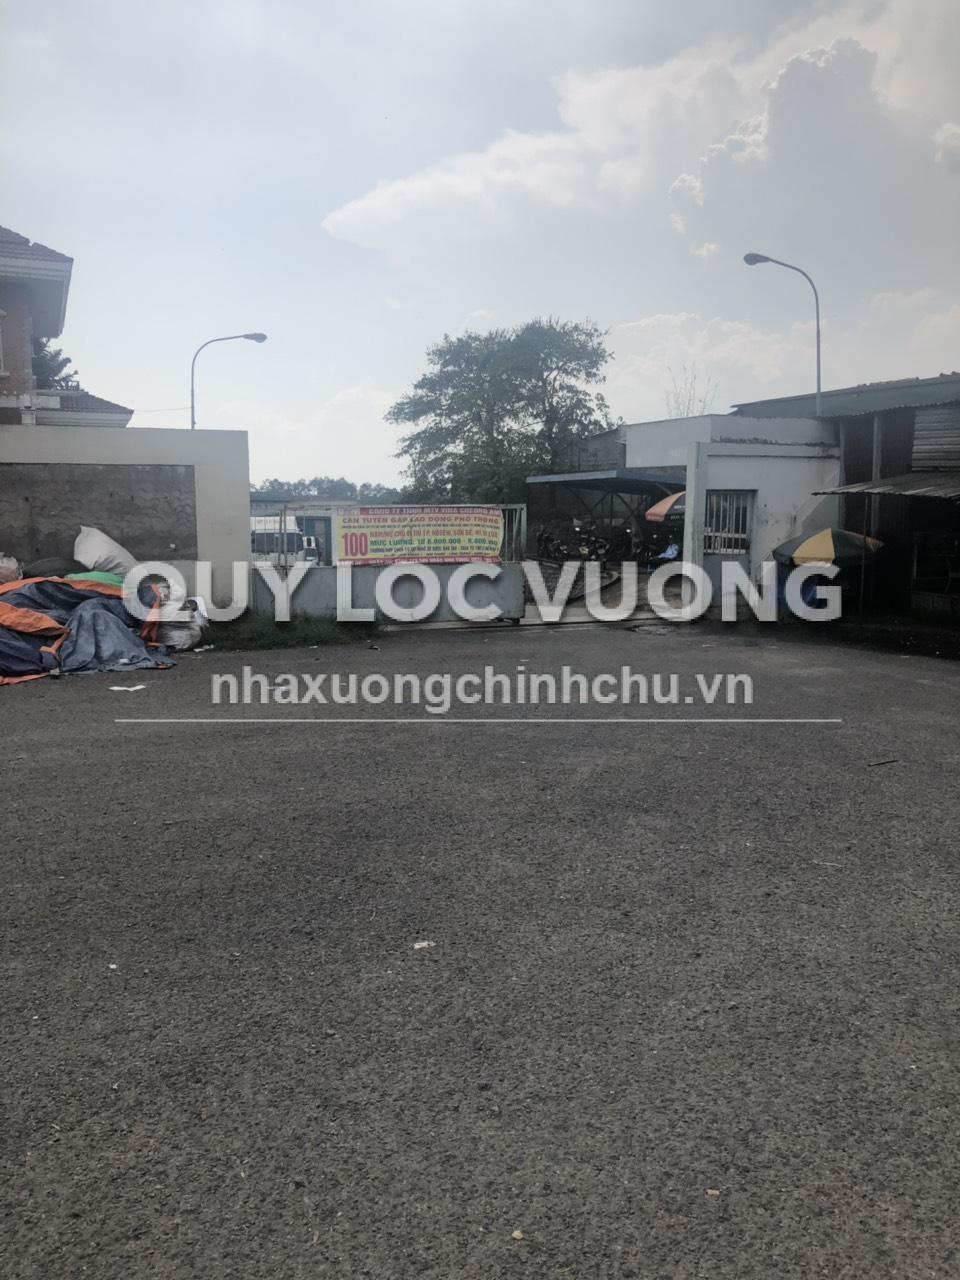 Bán xưởng mặt tiền quốc lộ 51 thành phố Biên Hòa, Đồng Nai